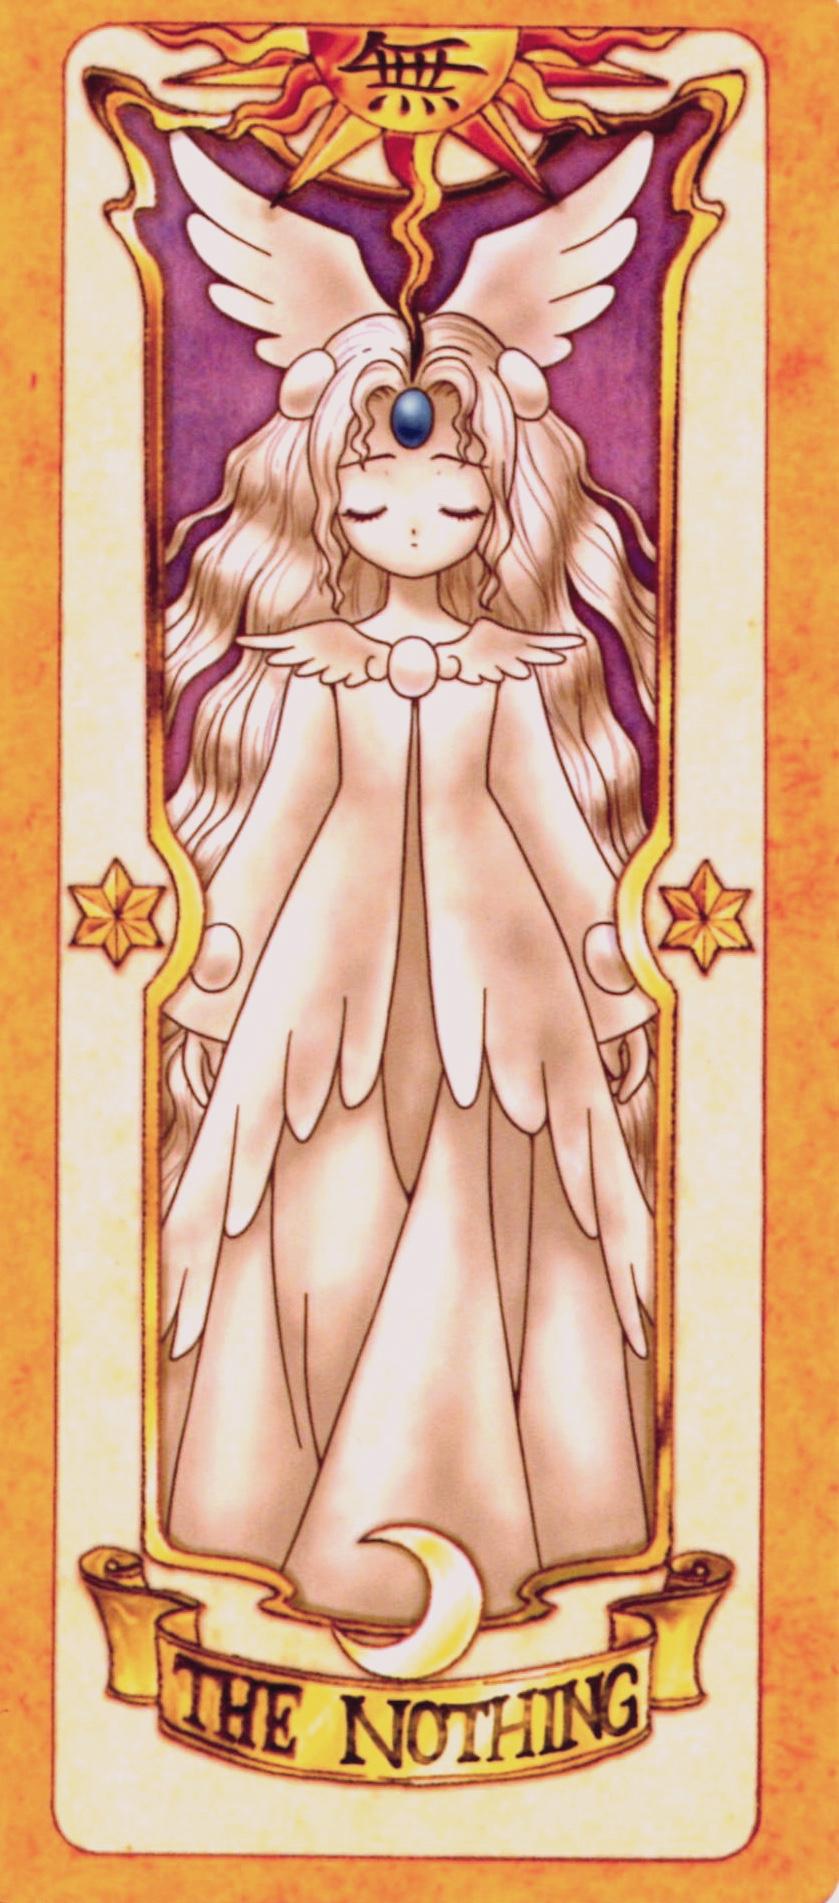 File:The Nothing Manga.jpeg